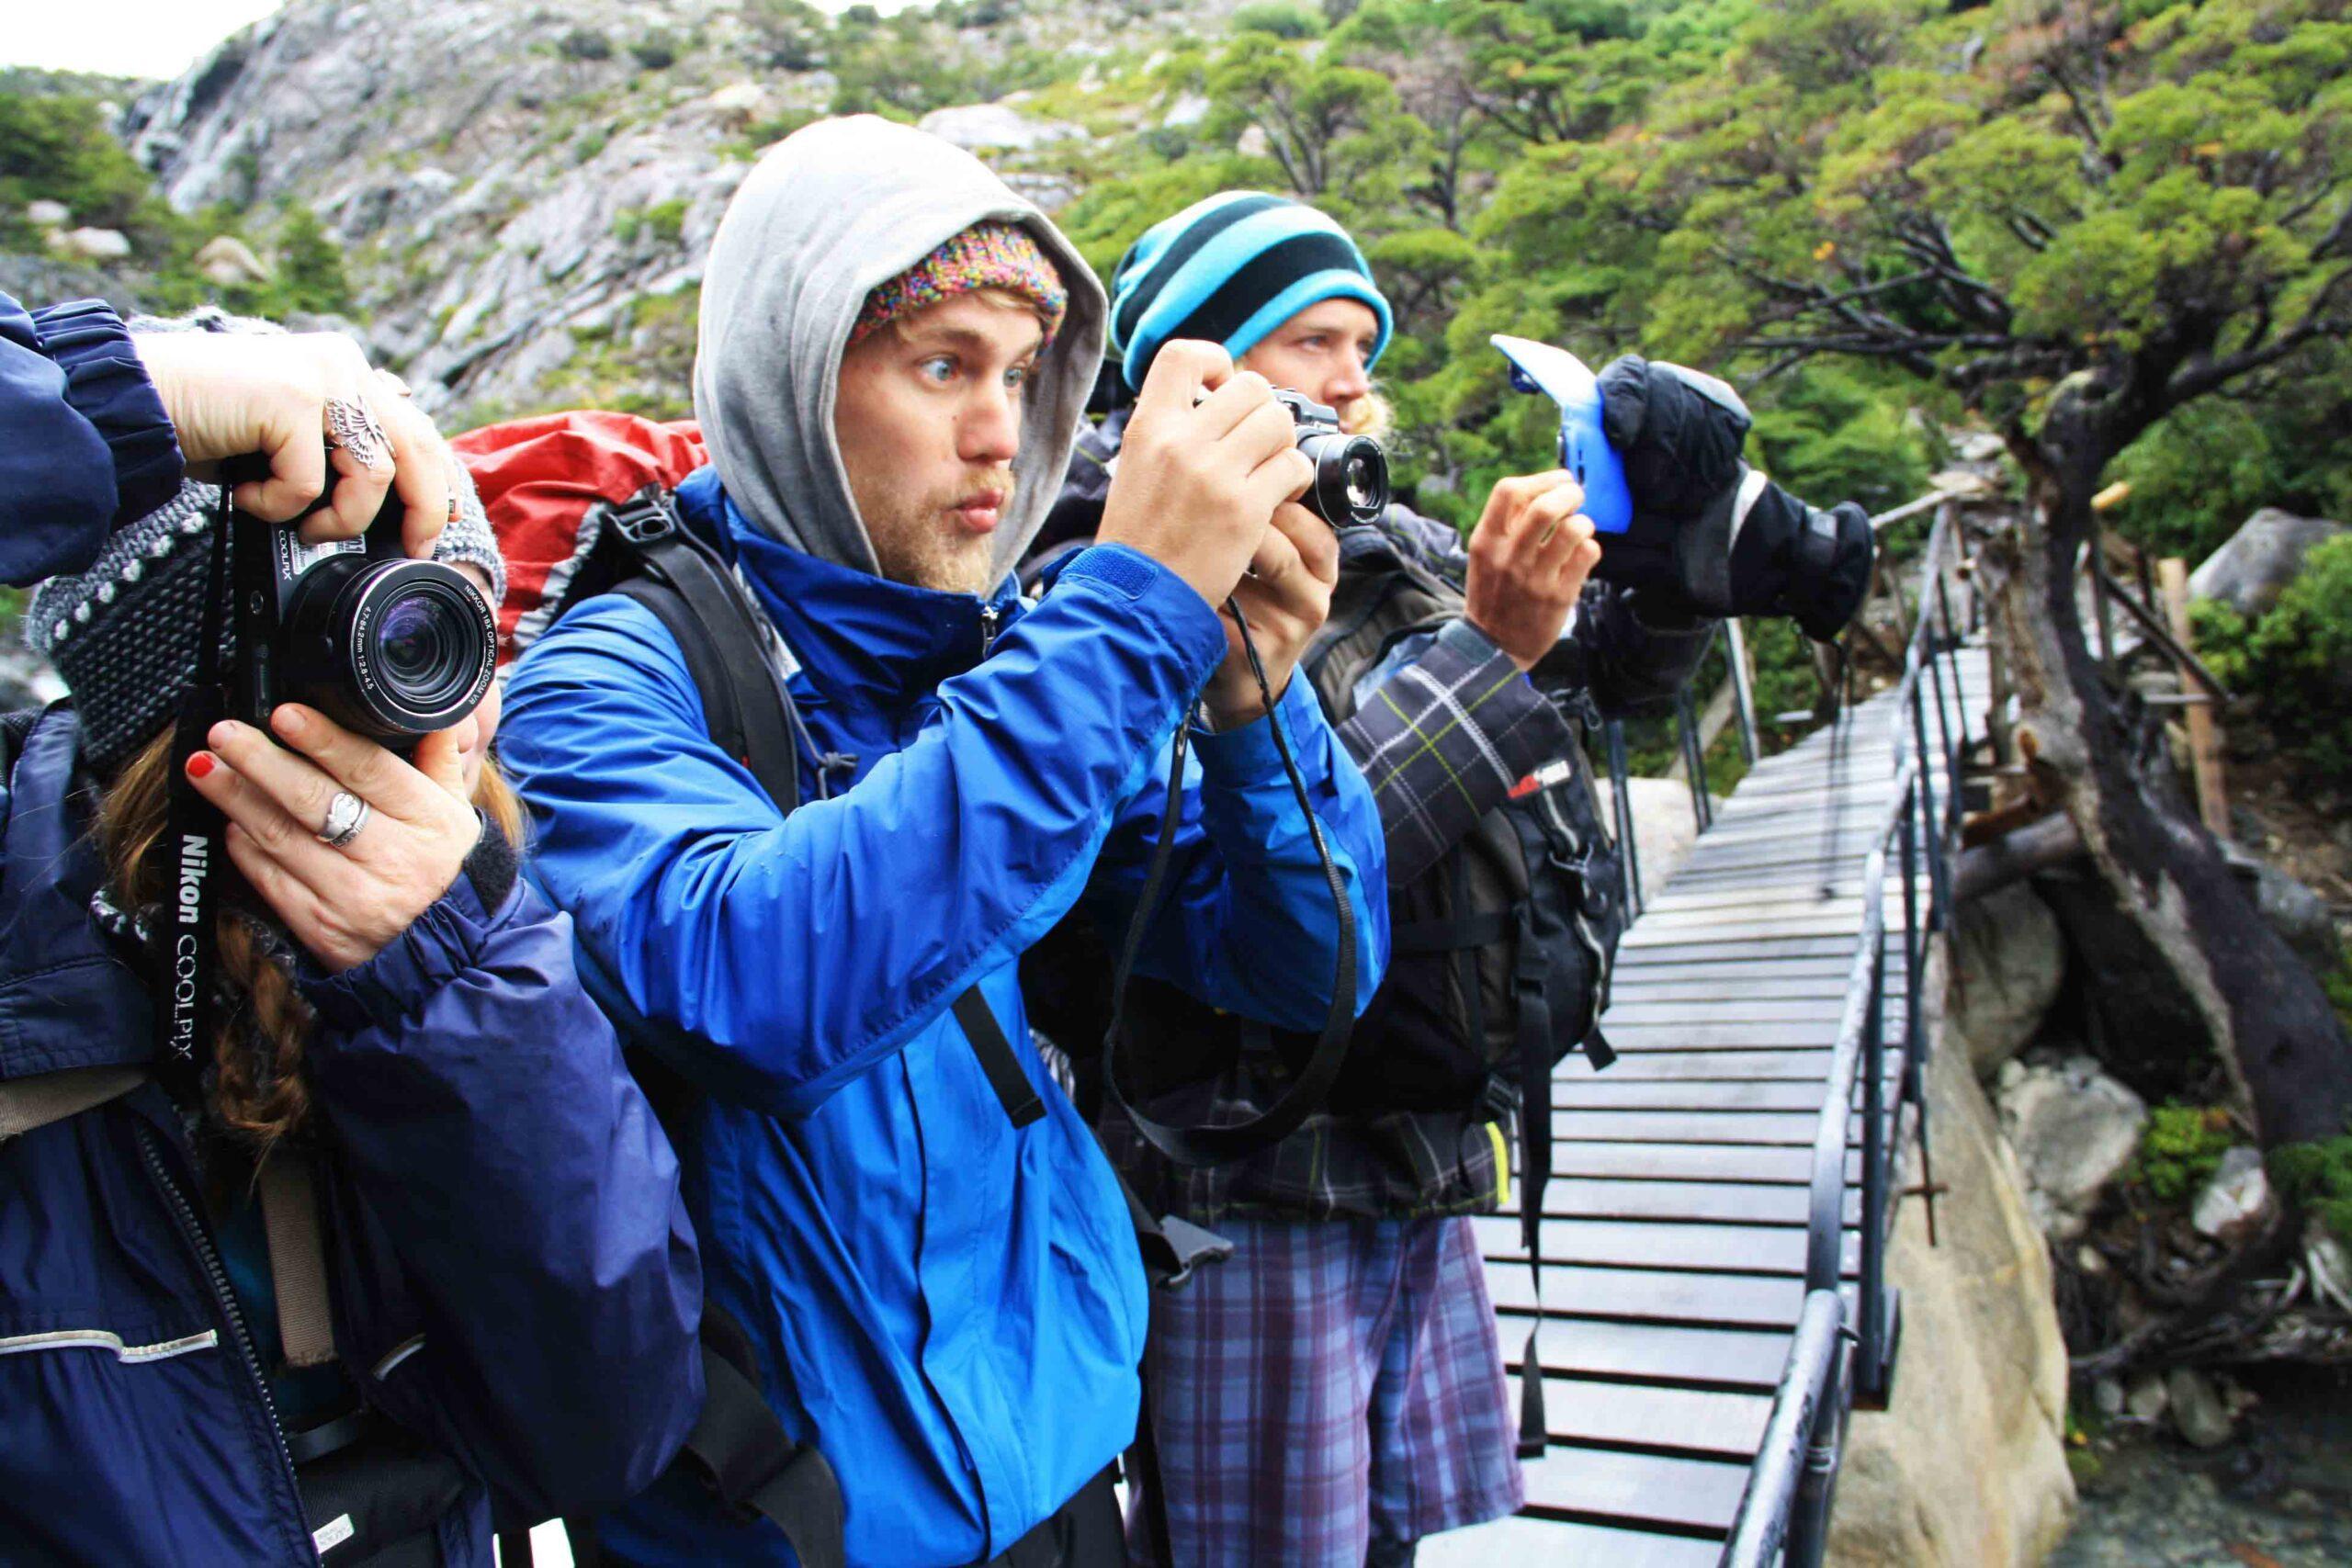 crew on bridge taking pictures